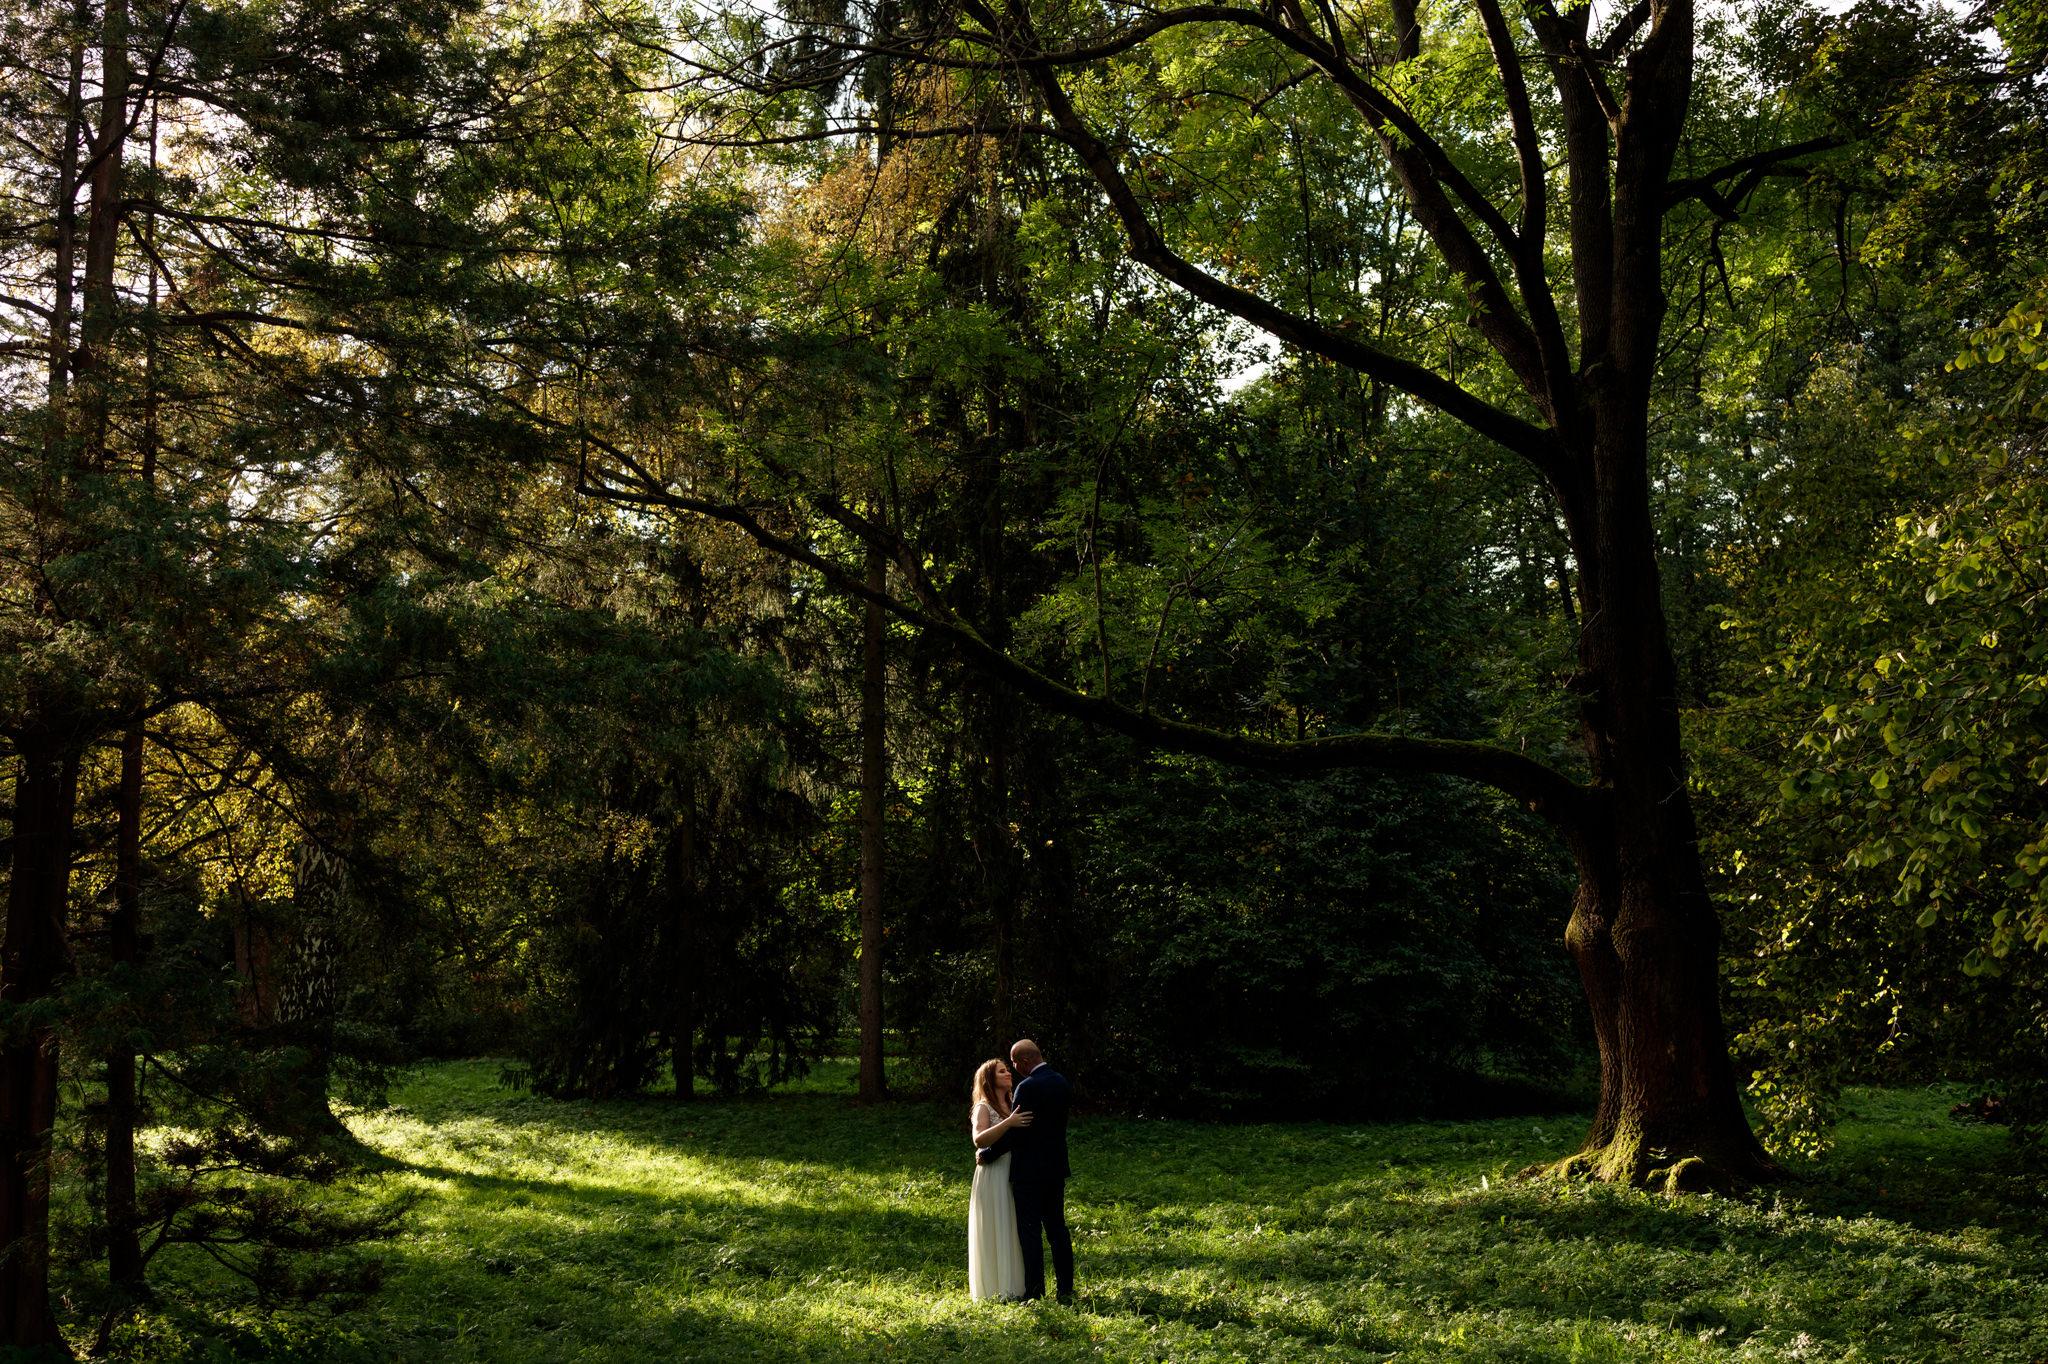 fotograf ślubny sesja plenerowa łazienki królewski